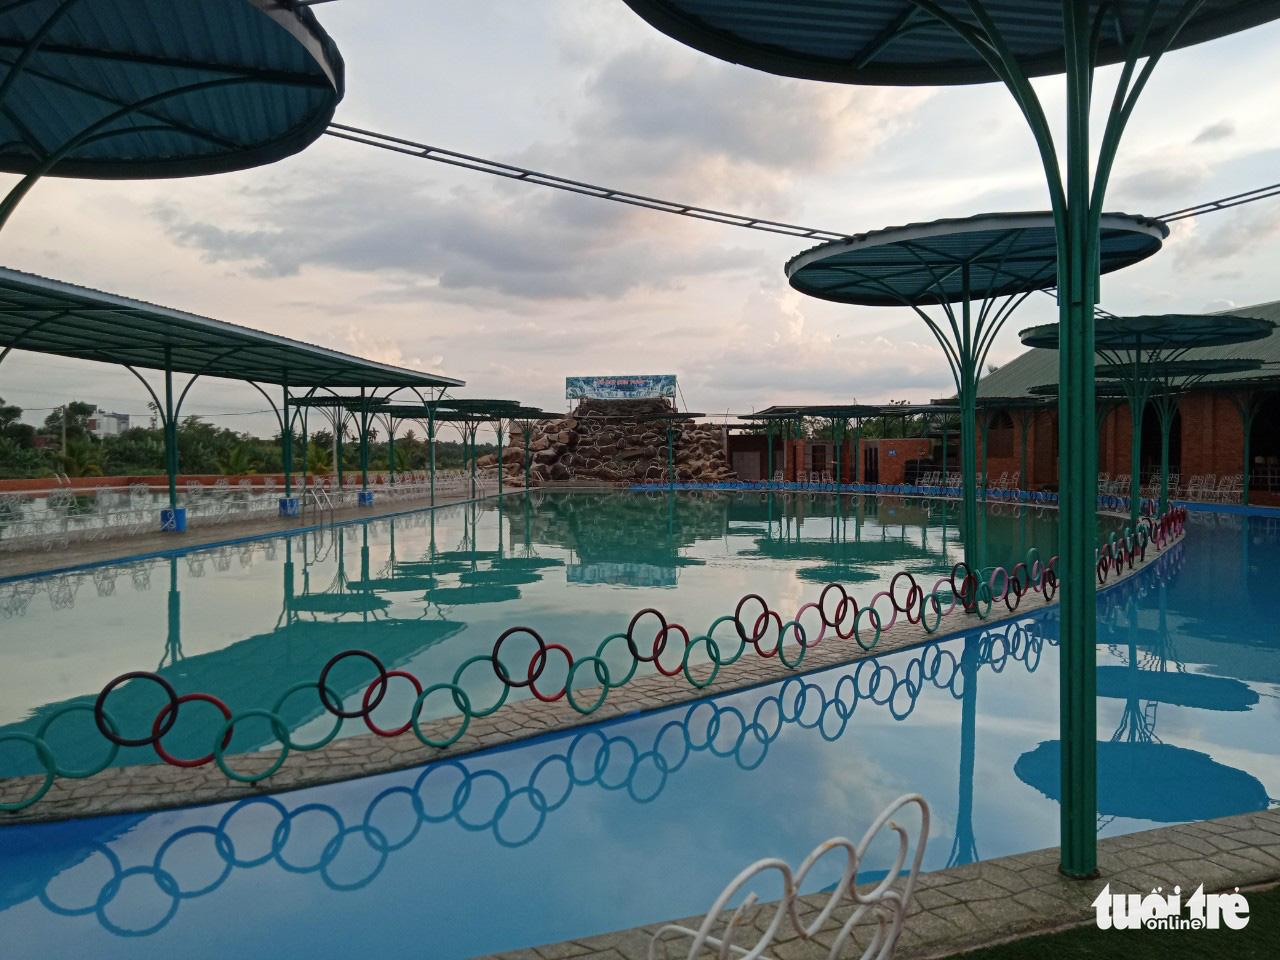 The swimming pool inside Son Thuy tourist area in Dak Lak Province, Vietnam, April 24, 2021. Photo: The The / Tuoi Tre